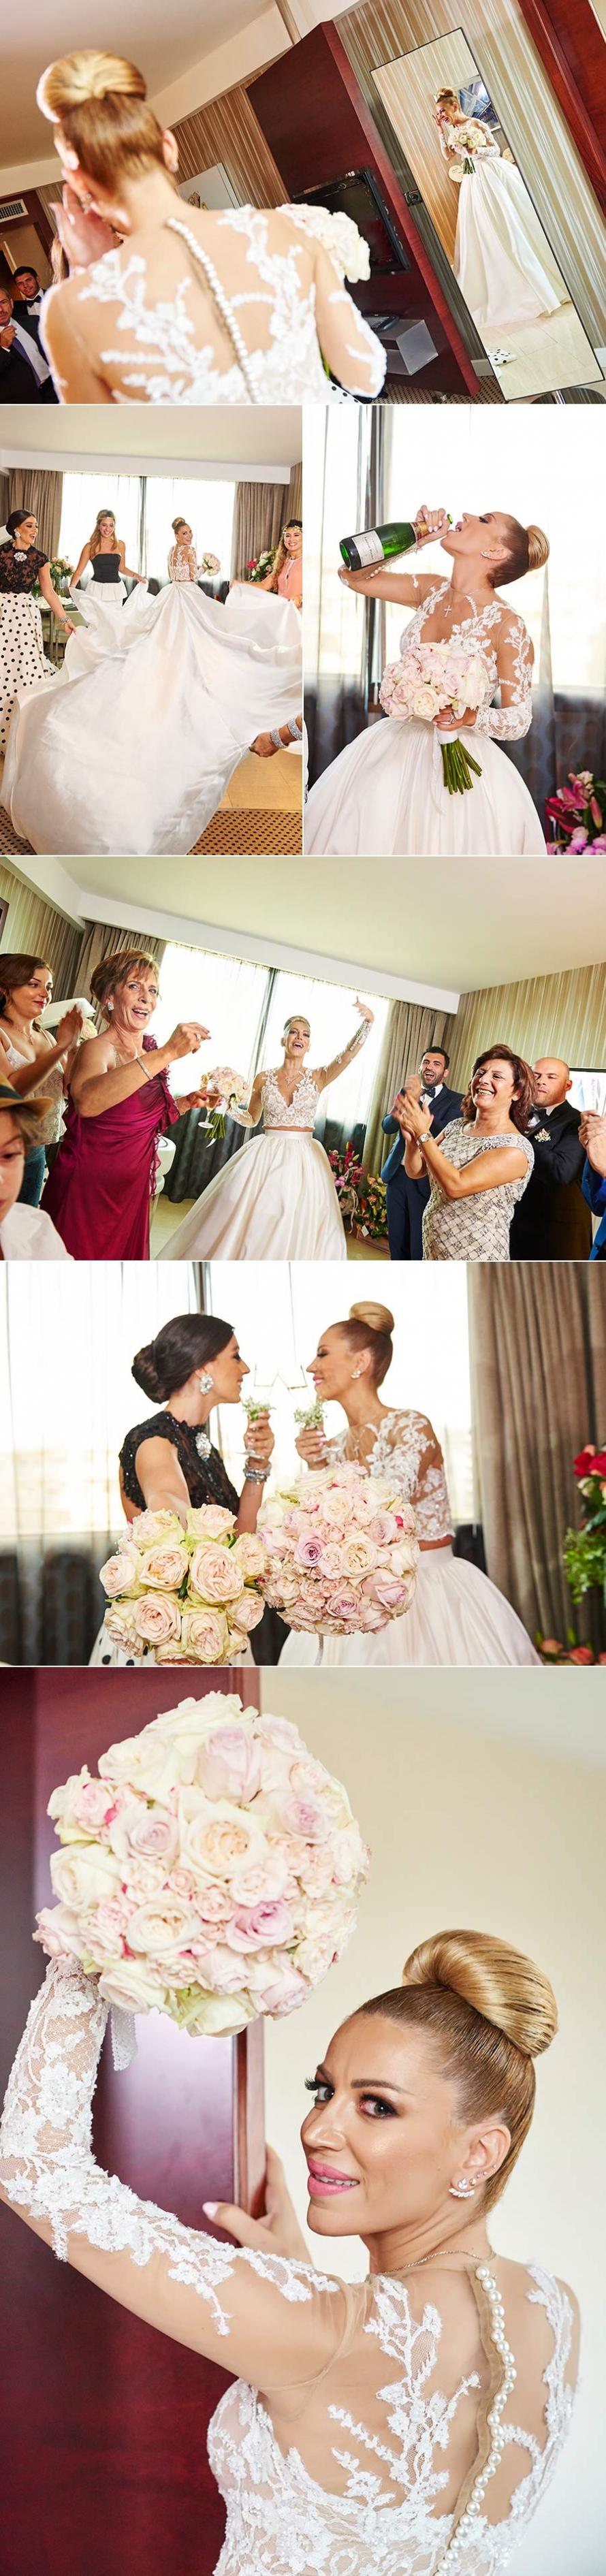 Fady Rana wedding photo 05